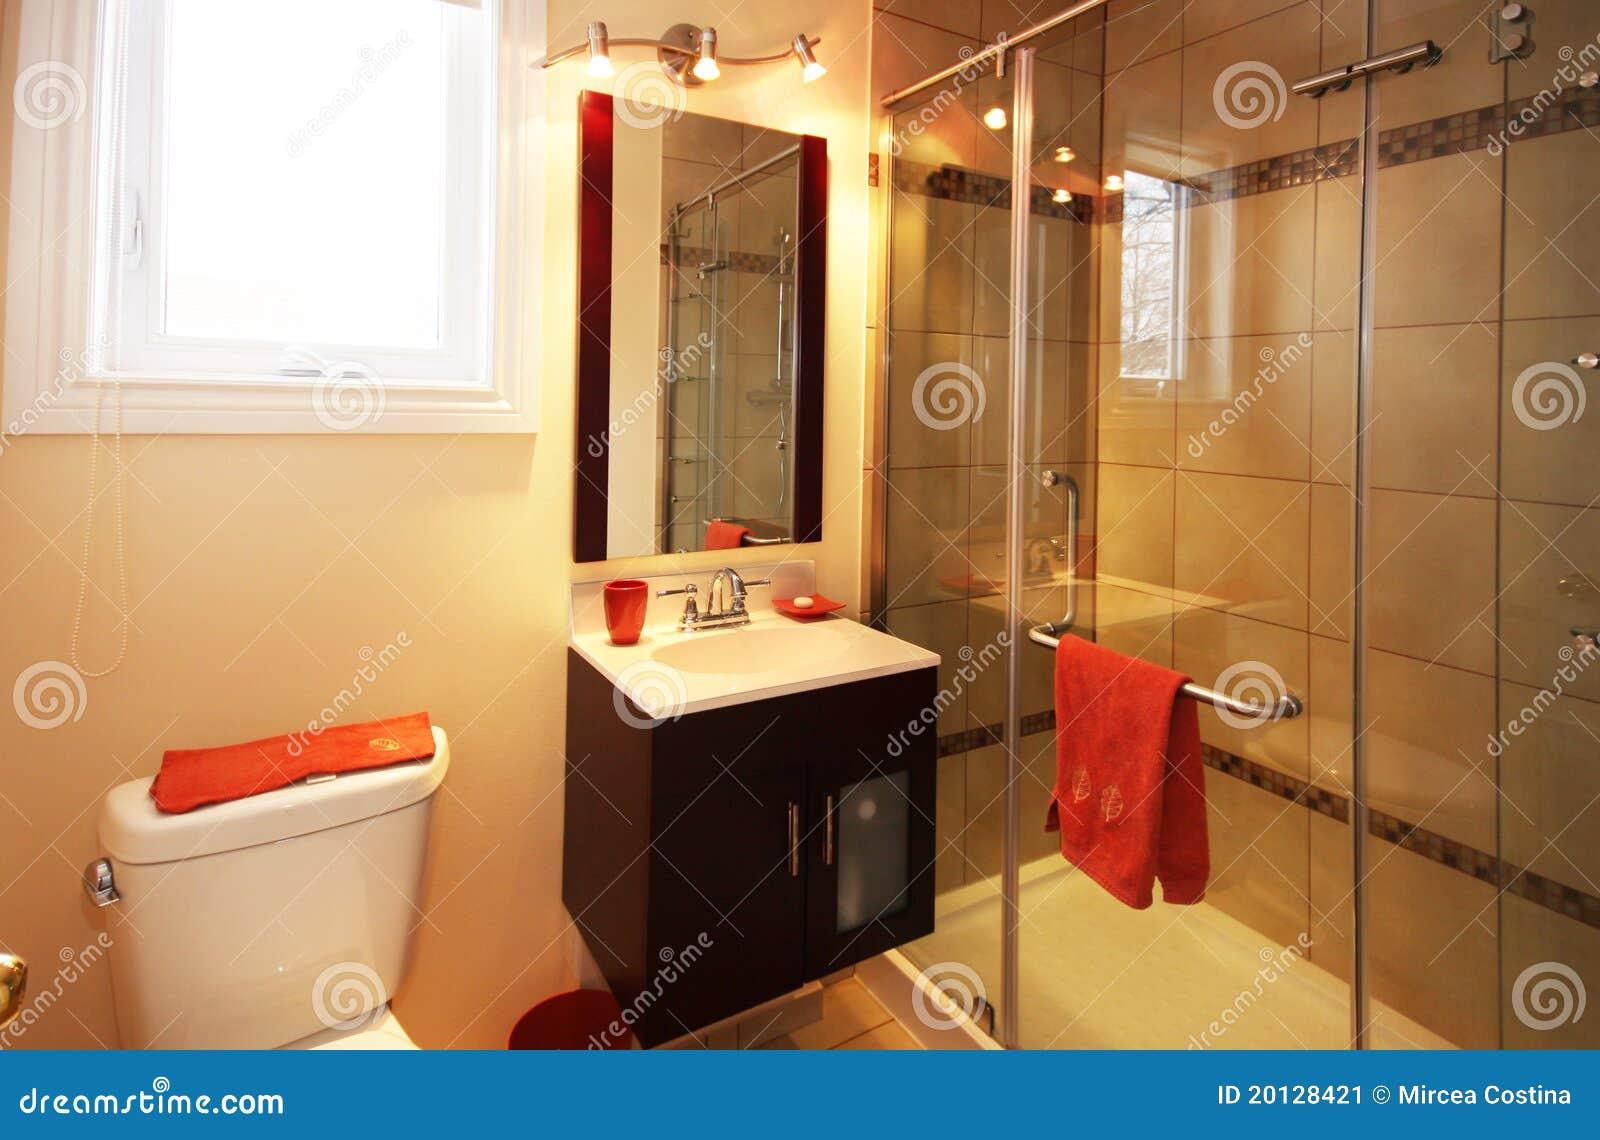 Orange Bathroom Dactus - Orange bathroom mats for bathroom decorating ideas